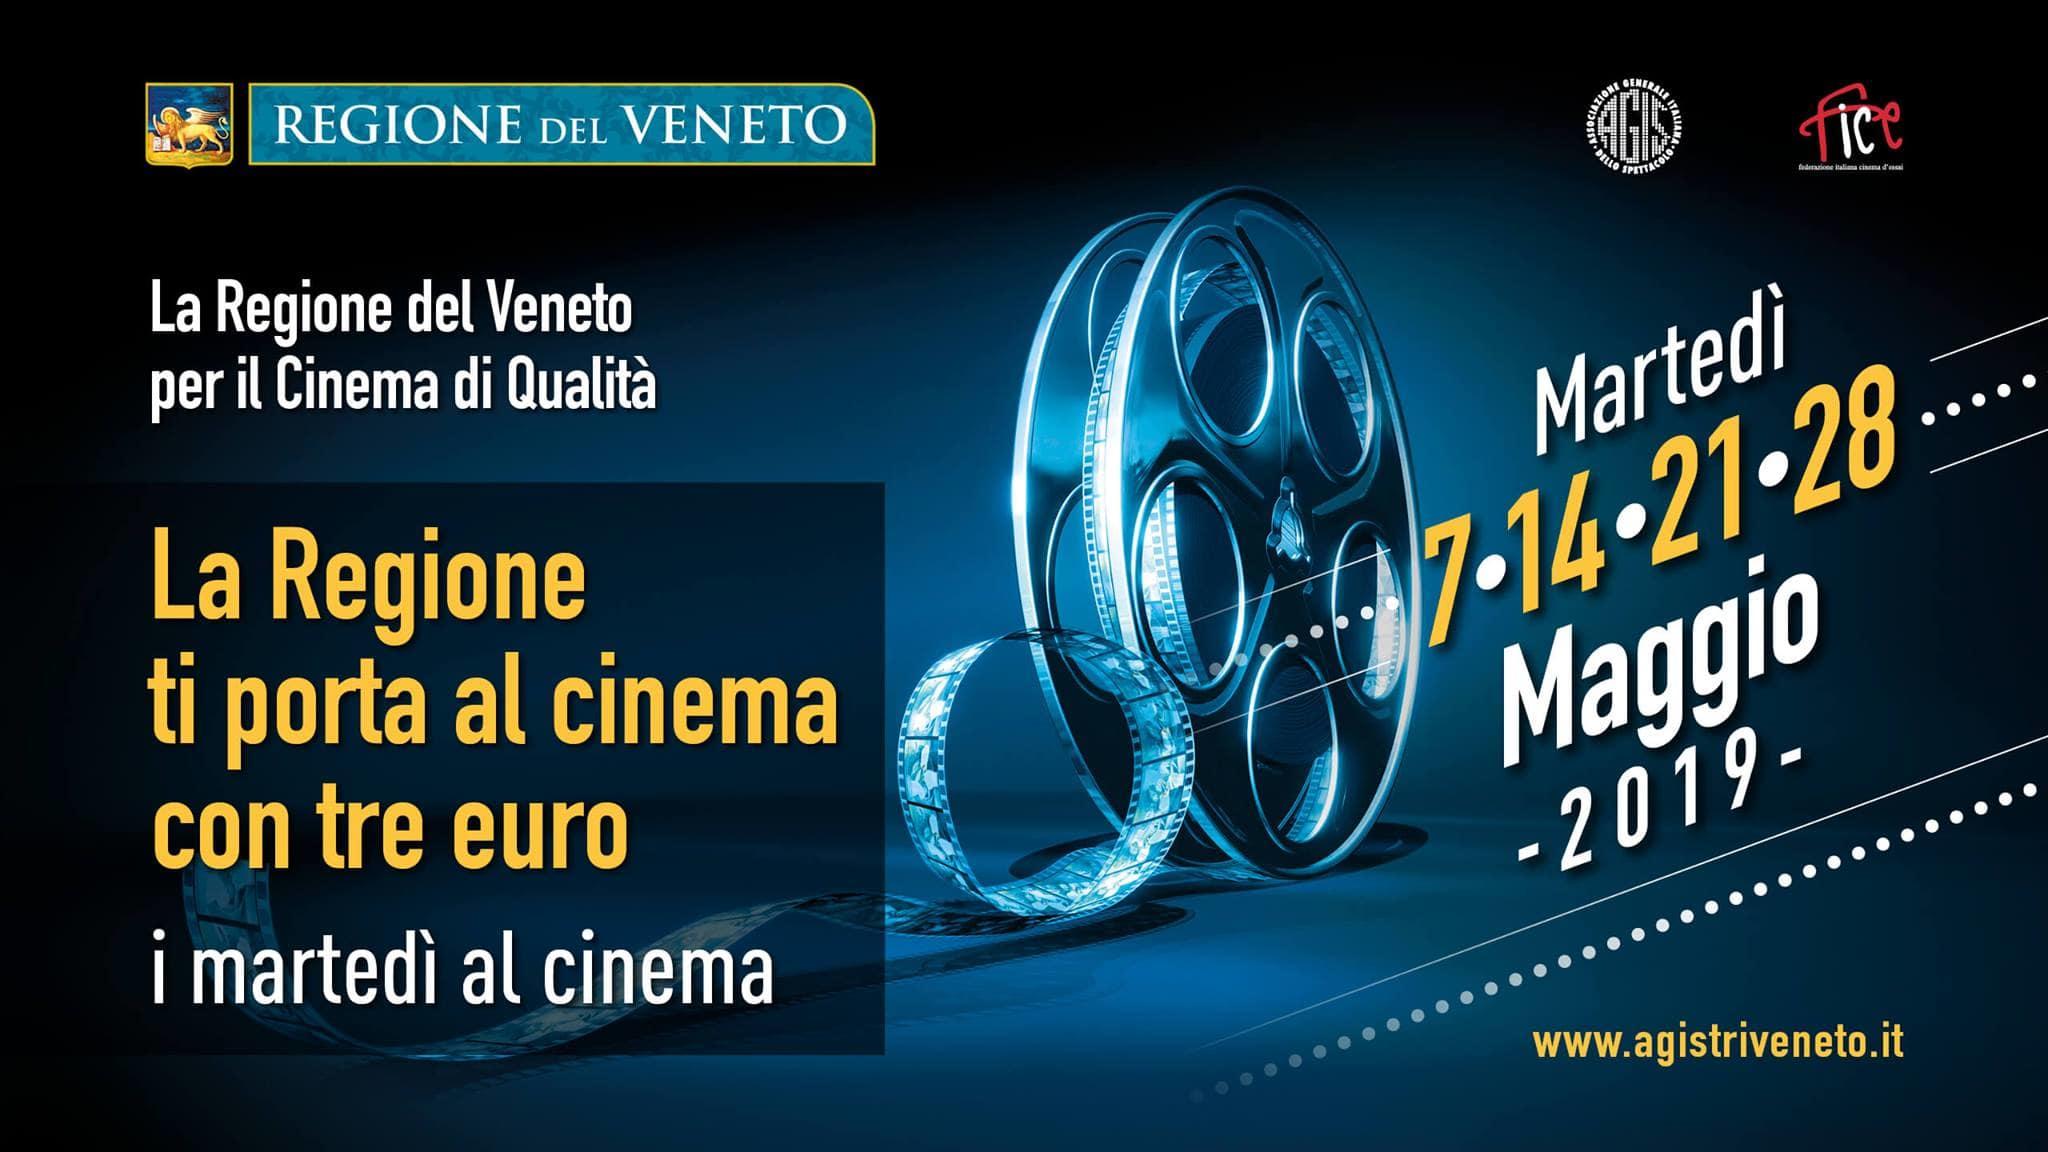 Calendario Cinema Petrarca.Martedi Al Cinema A Tre Euro Il 28 Maggio 2019 Eventi A Padova